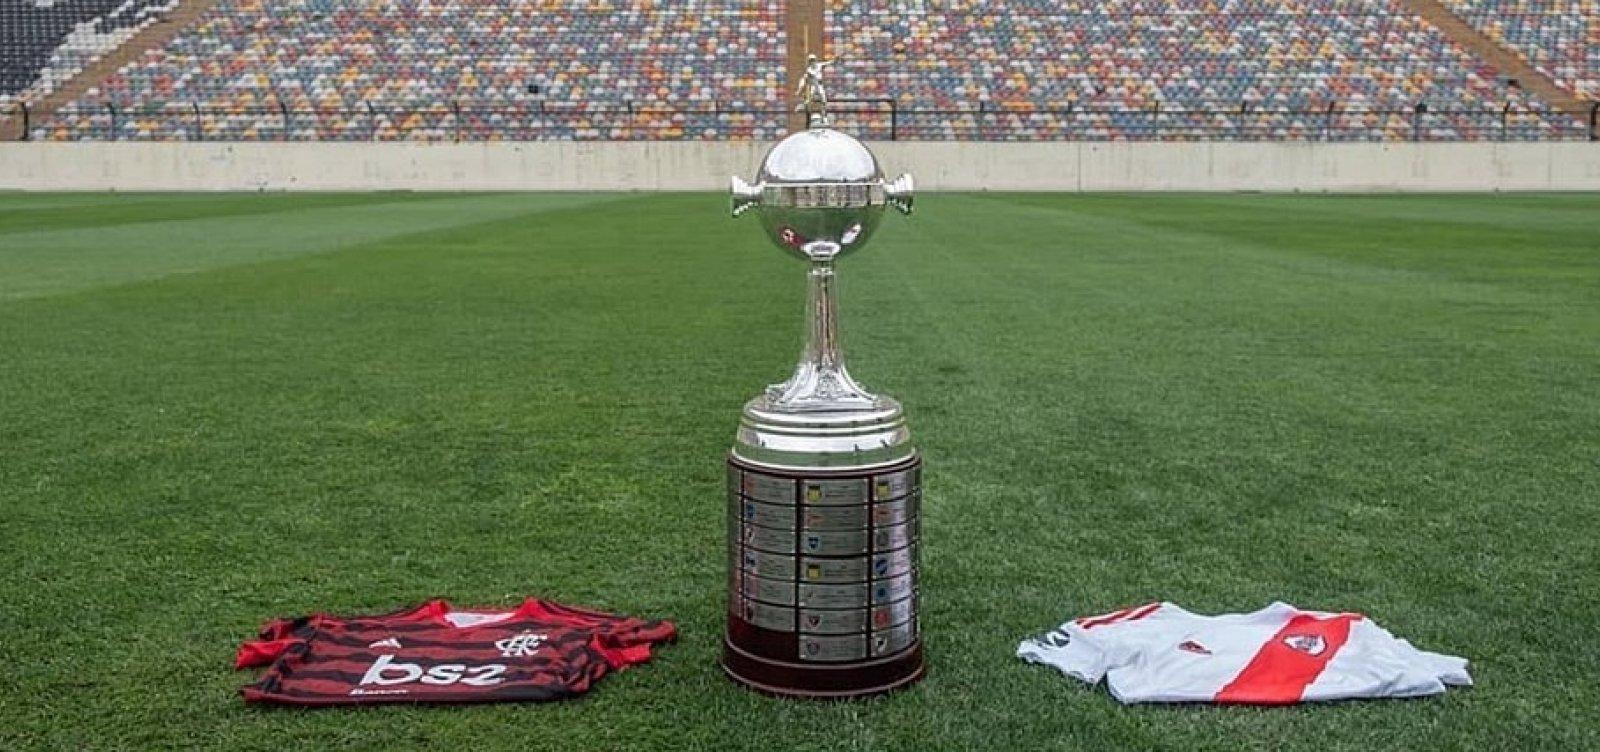 Mais de 300 equipamentos são roubados de estádio que sedia final da Libertadores